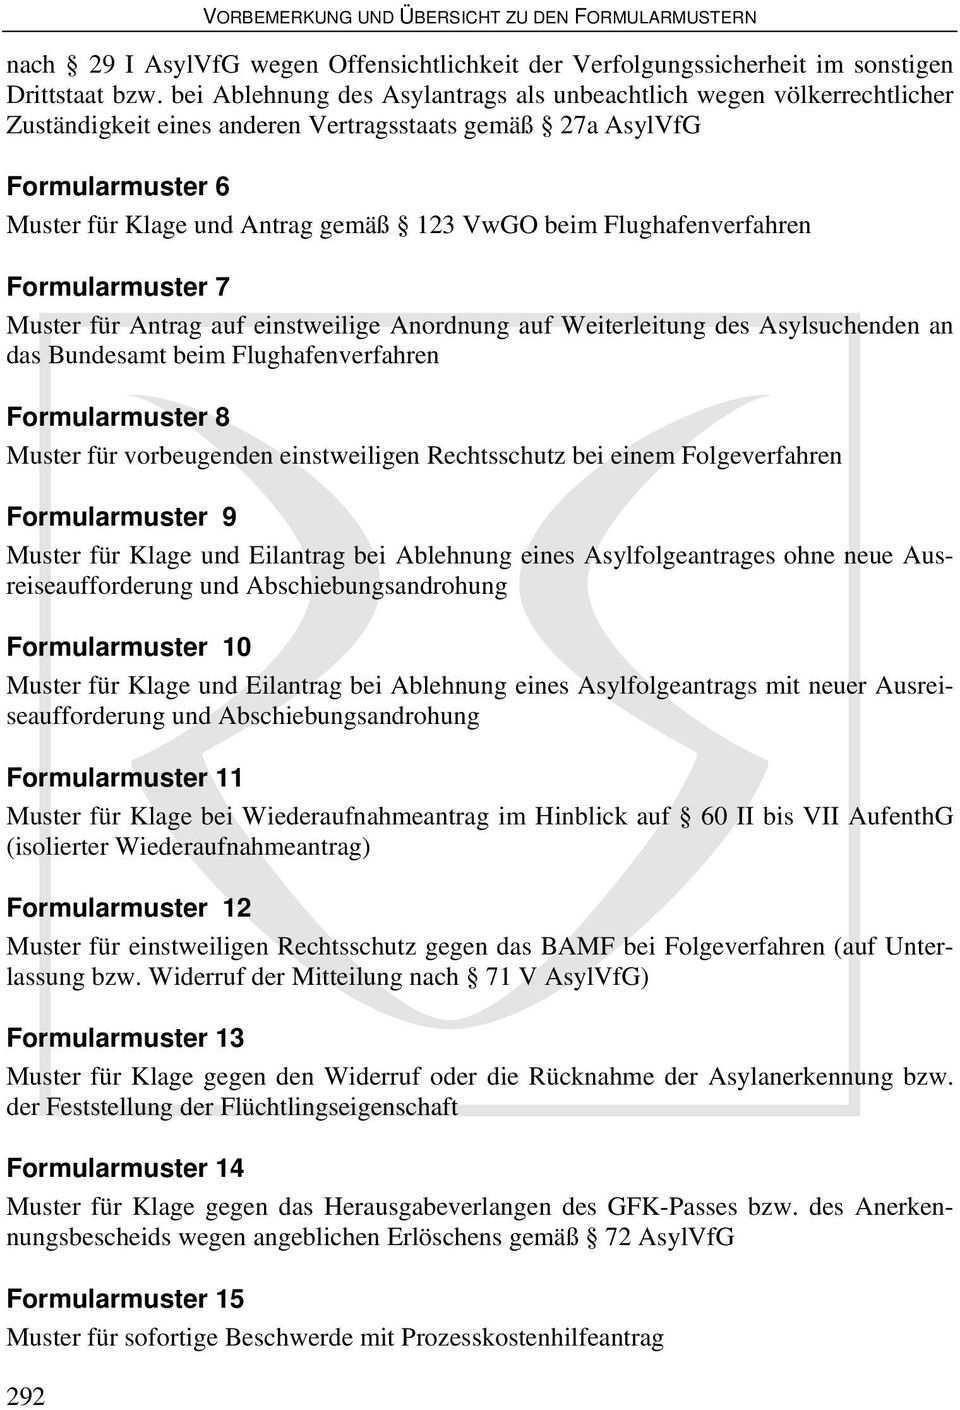 Vorbemerkung Und Ubersicht Zu Den Formularmustern Pdf Free Download